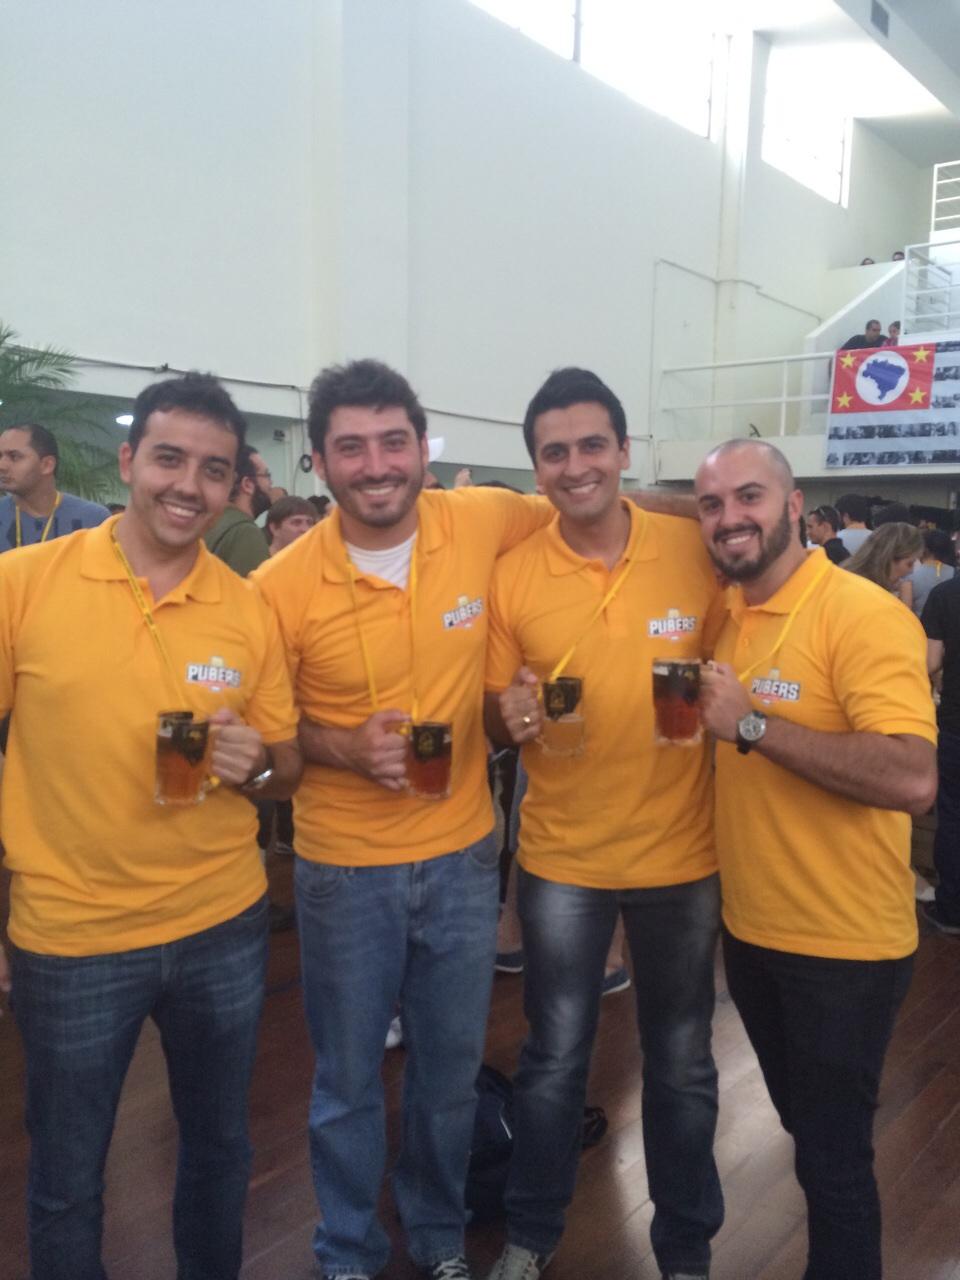 Da esquerda para a direita, os sóciosRafael Alves, João Vitor Lanni, Marco Antonio Almeida e Renan Prado (Foto: Divulgação)